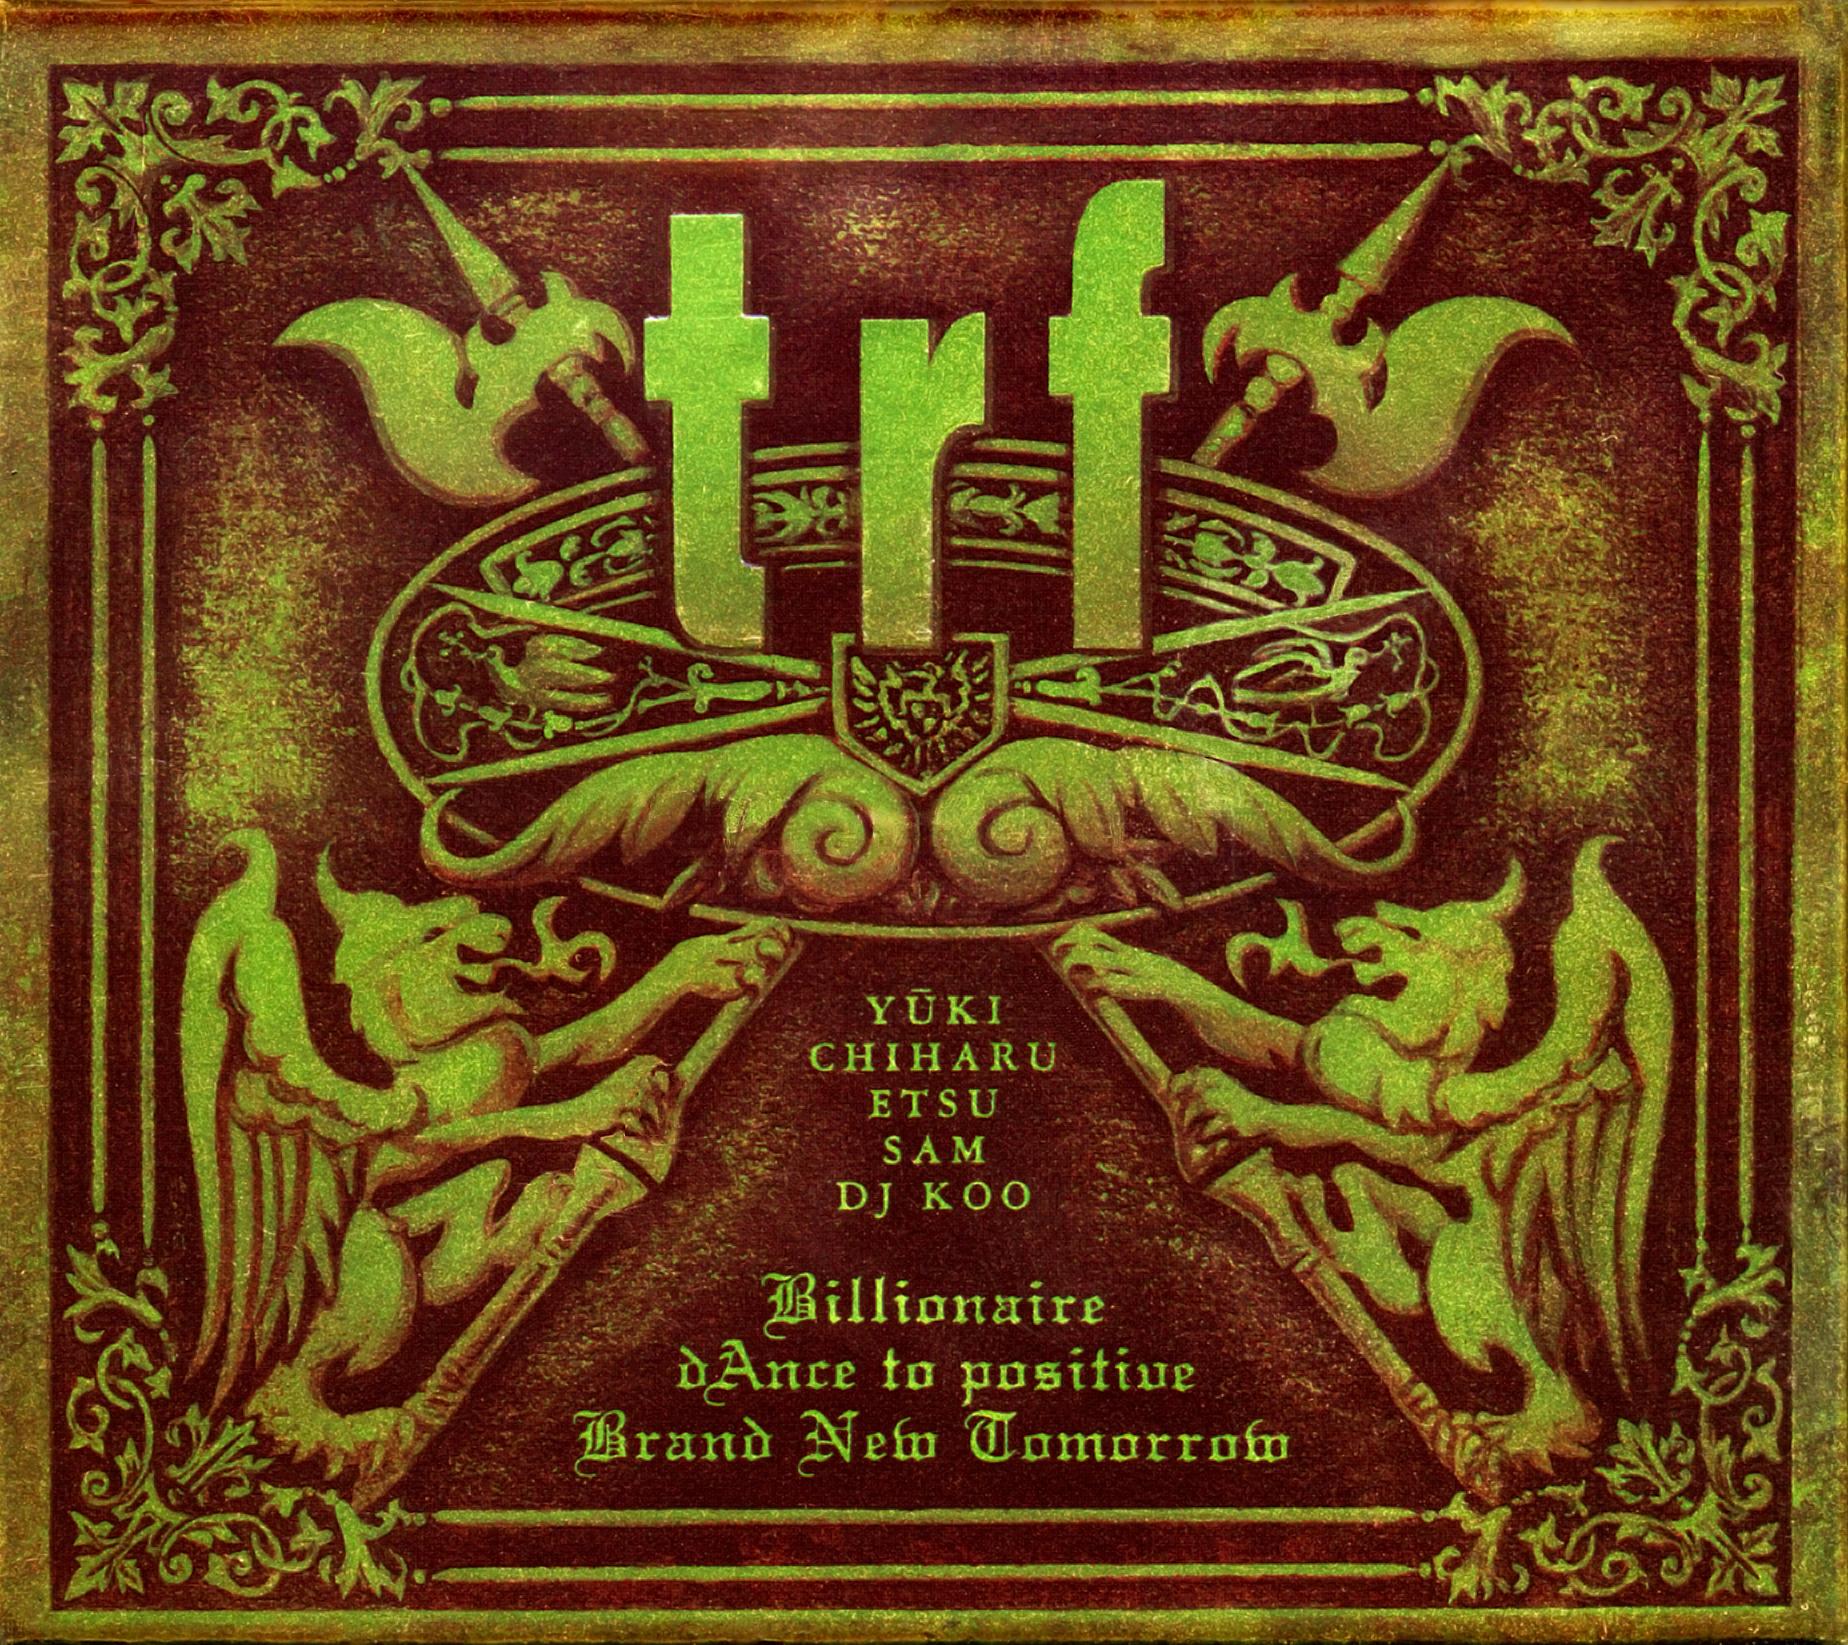 trf (ティーアールエフ) ライブ・アルバム『THE LIVE3 (ザ・ライブ・スリー)』(1996年2月21日発売) 高画質CDジャケット画像